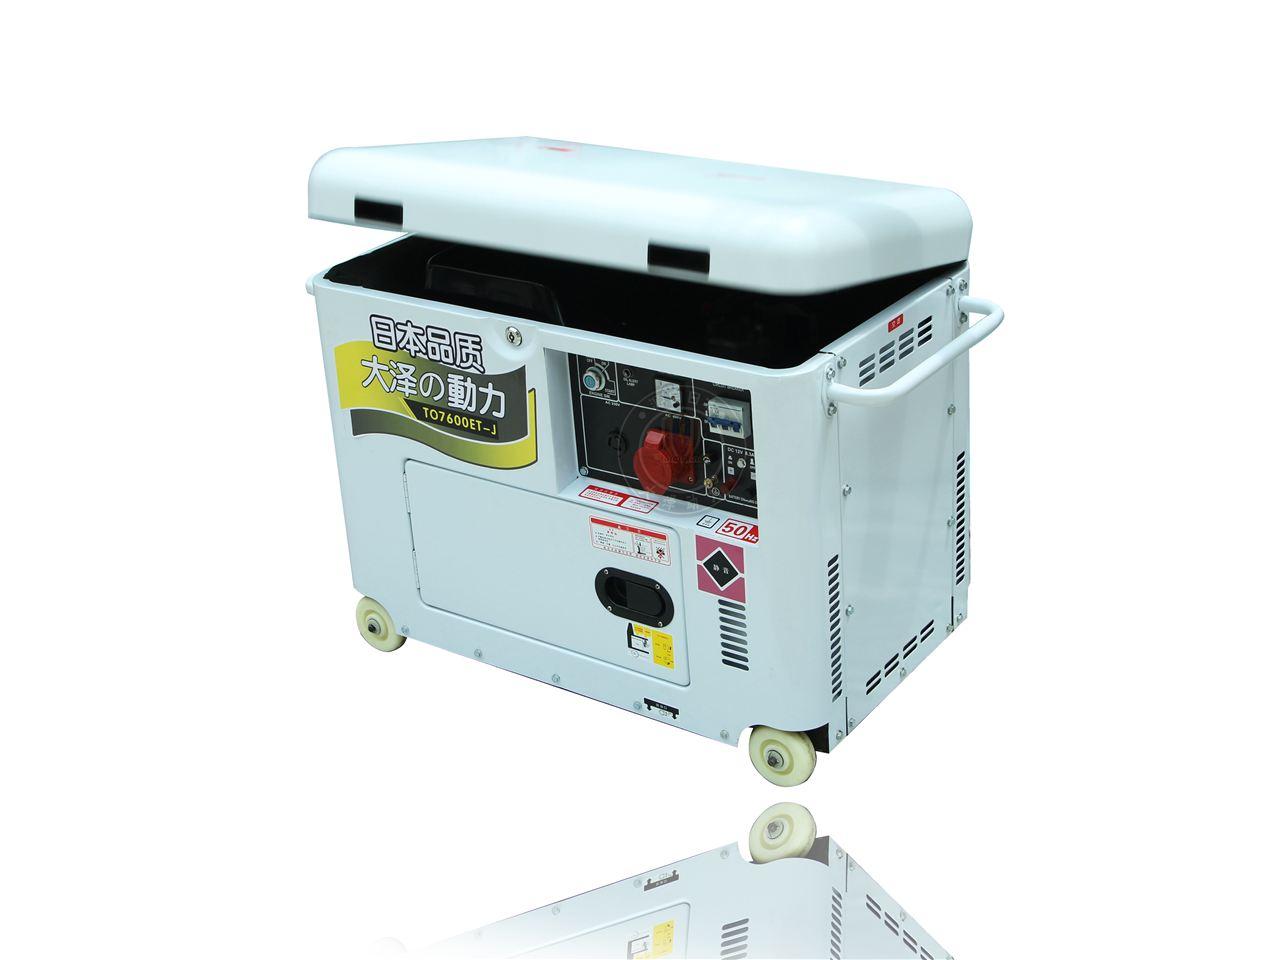 柴油发电机组的主用功率又称为连续功率或长行功率,在国内,普遍都是